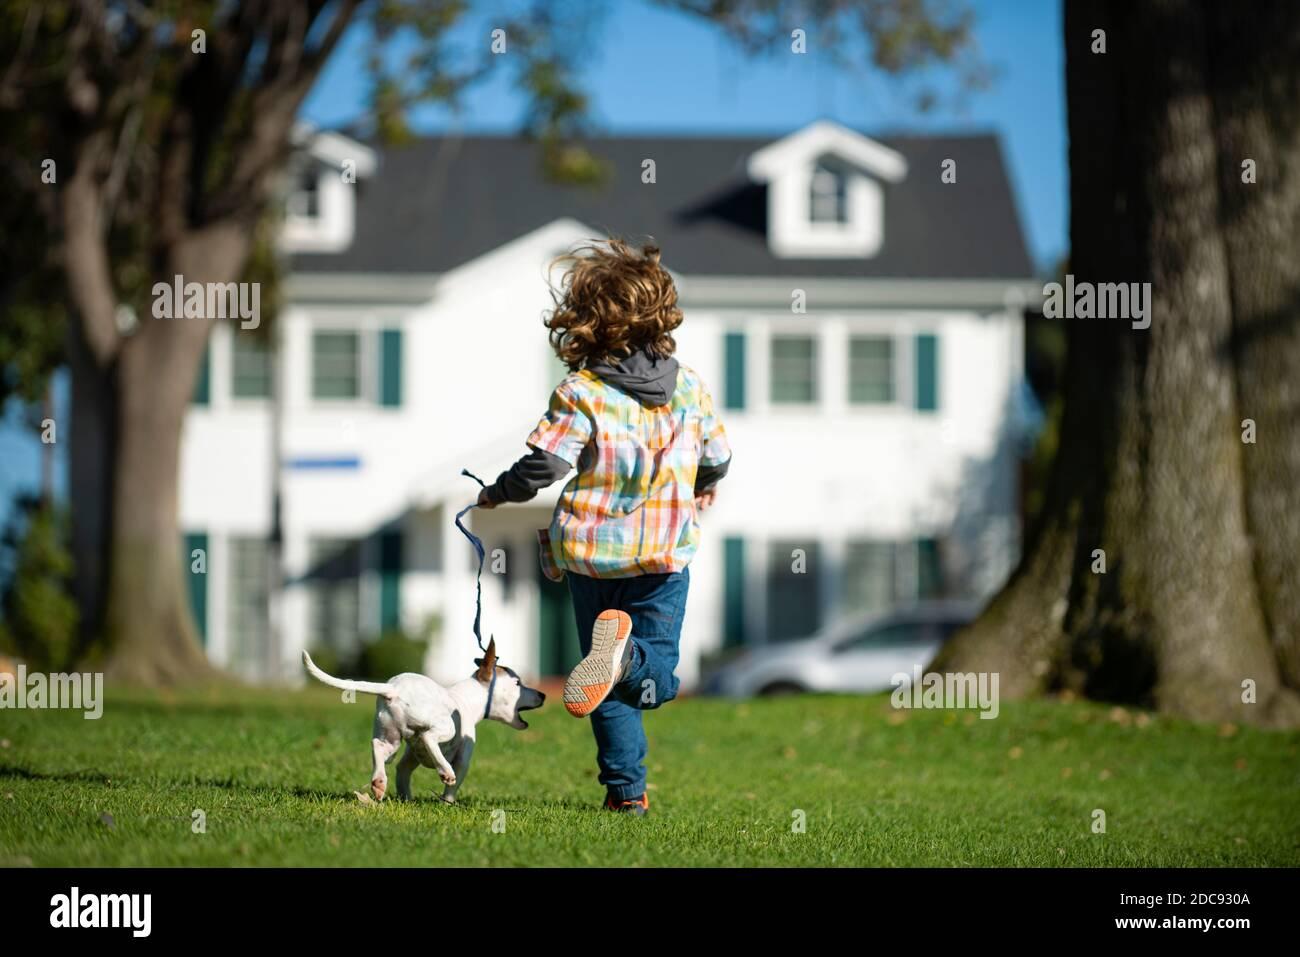 Niño con su mascota corre a la carrera. Foto de stock